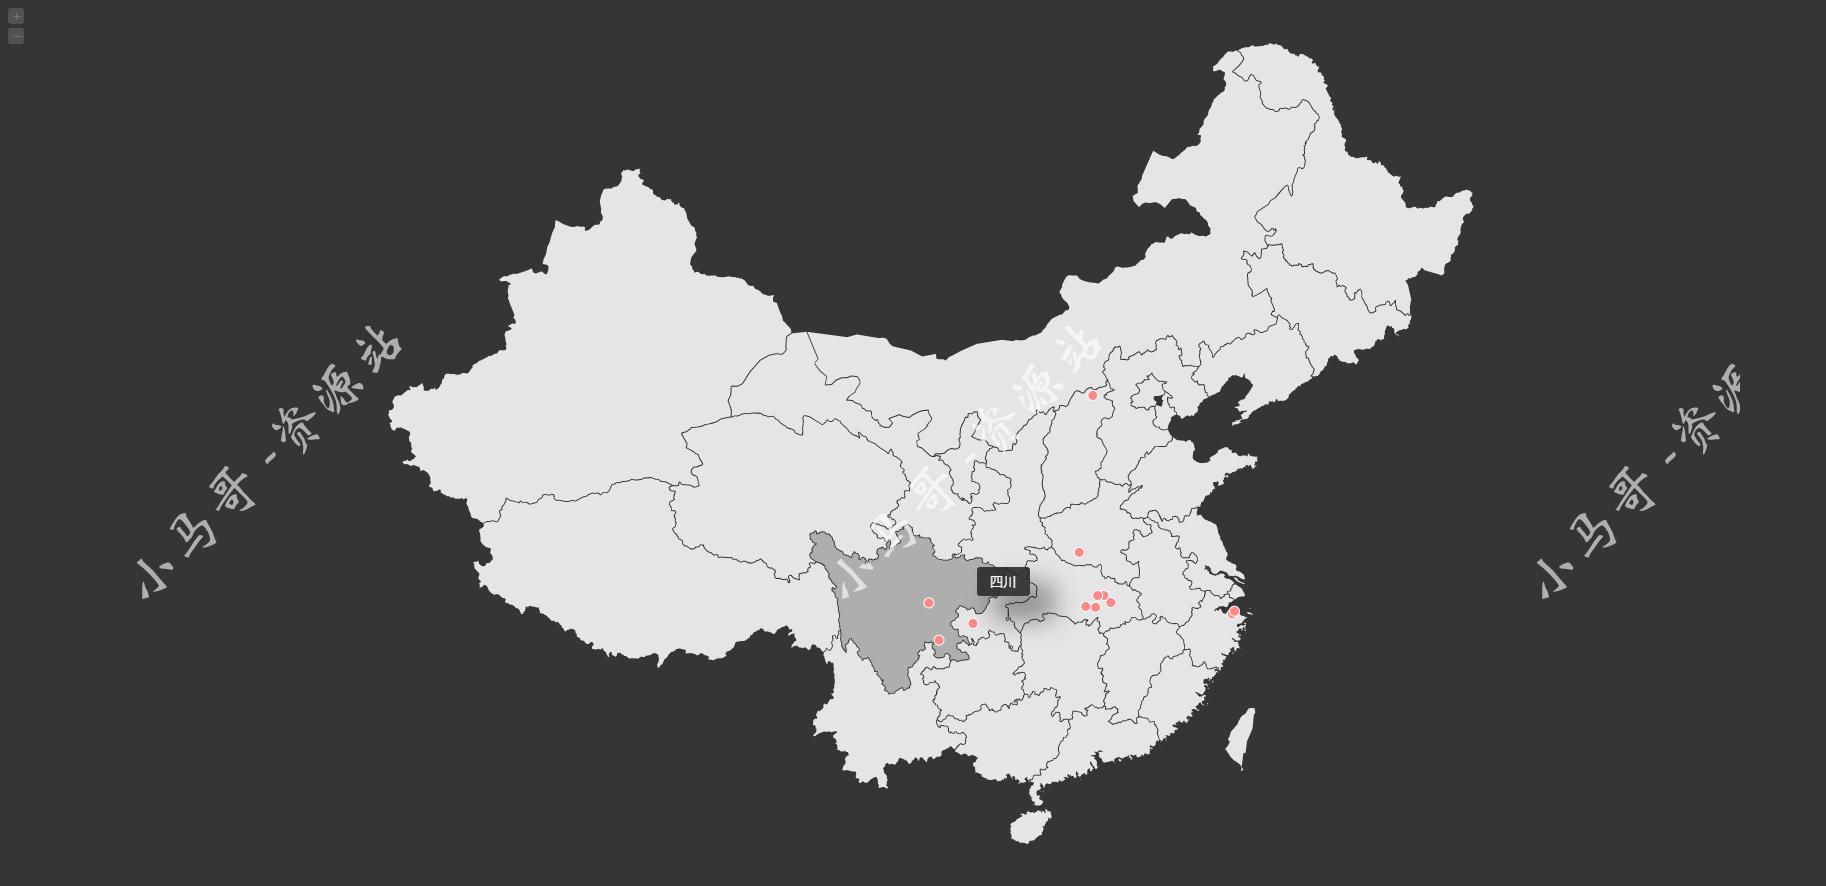 仿翁天信旅行足迹地图源码